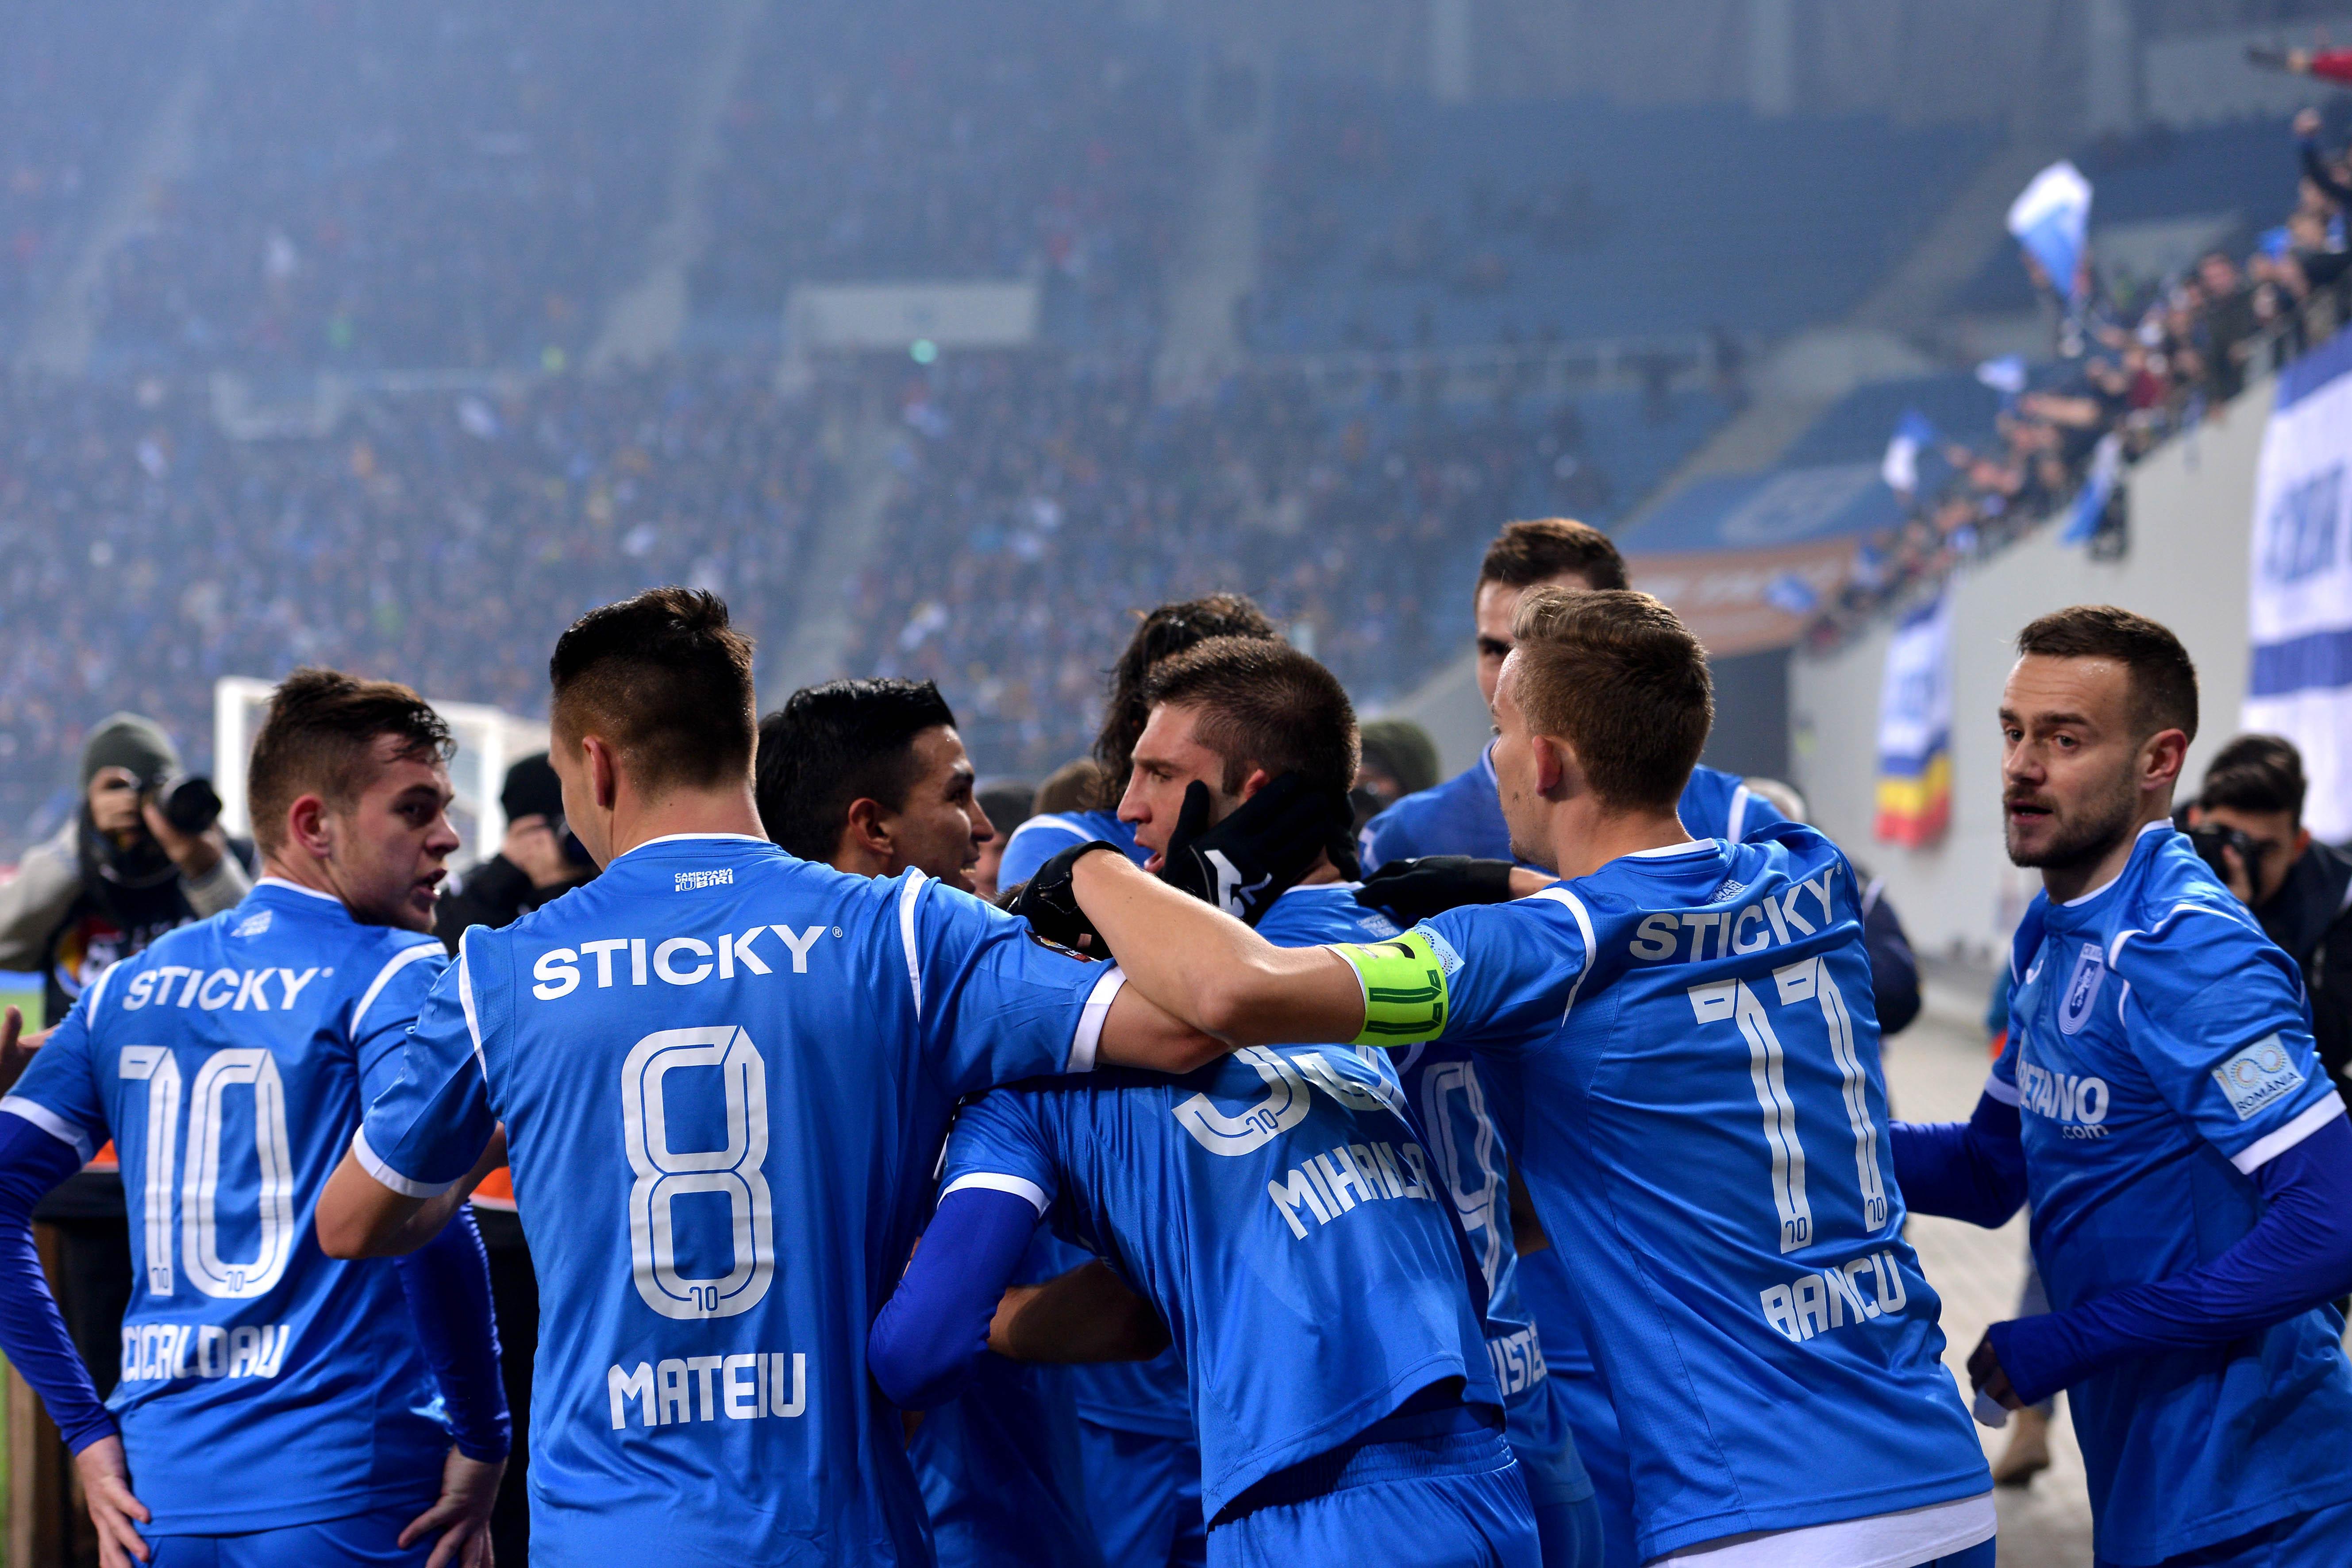 Andrei Crstea a jucat trei meciuri şi a marcat un gol pentru U Craiova